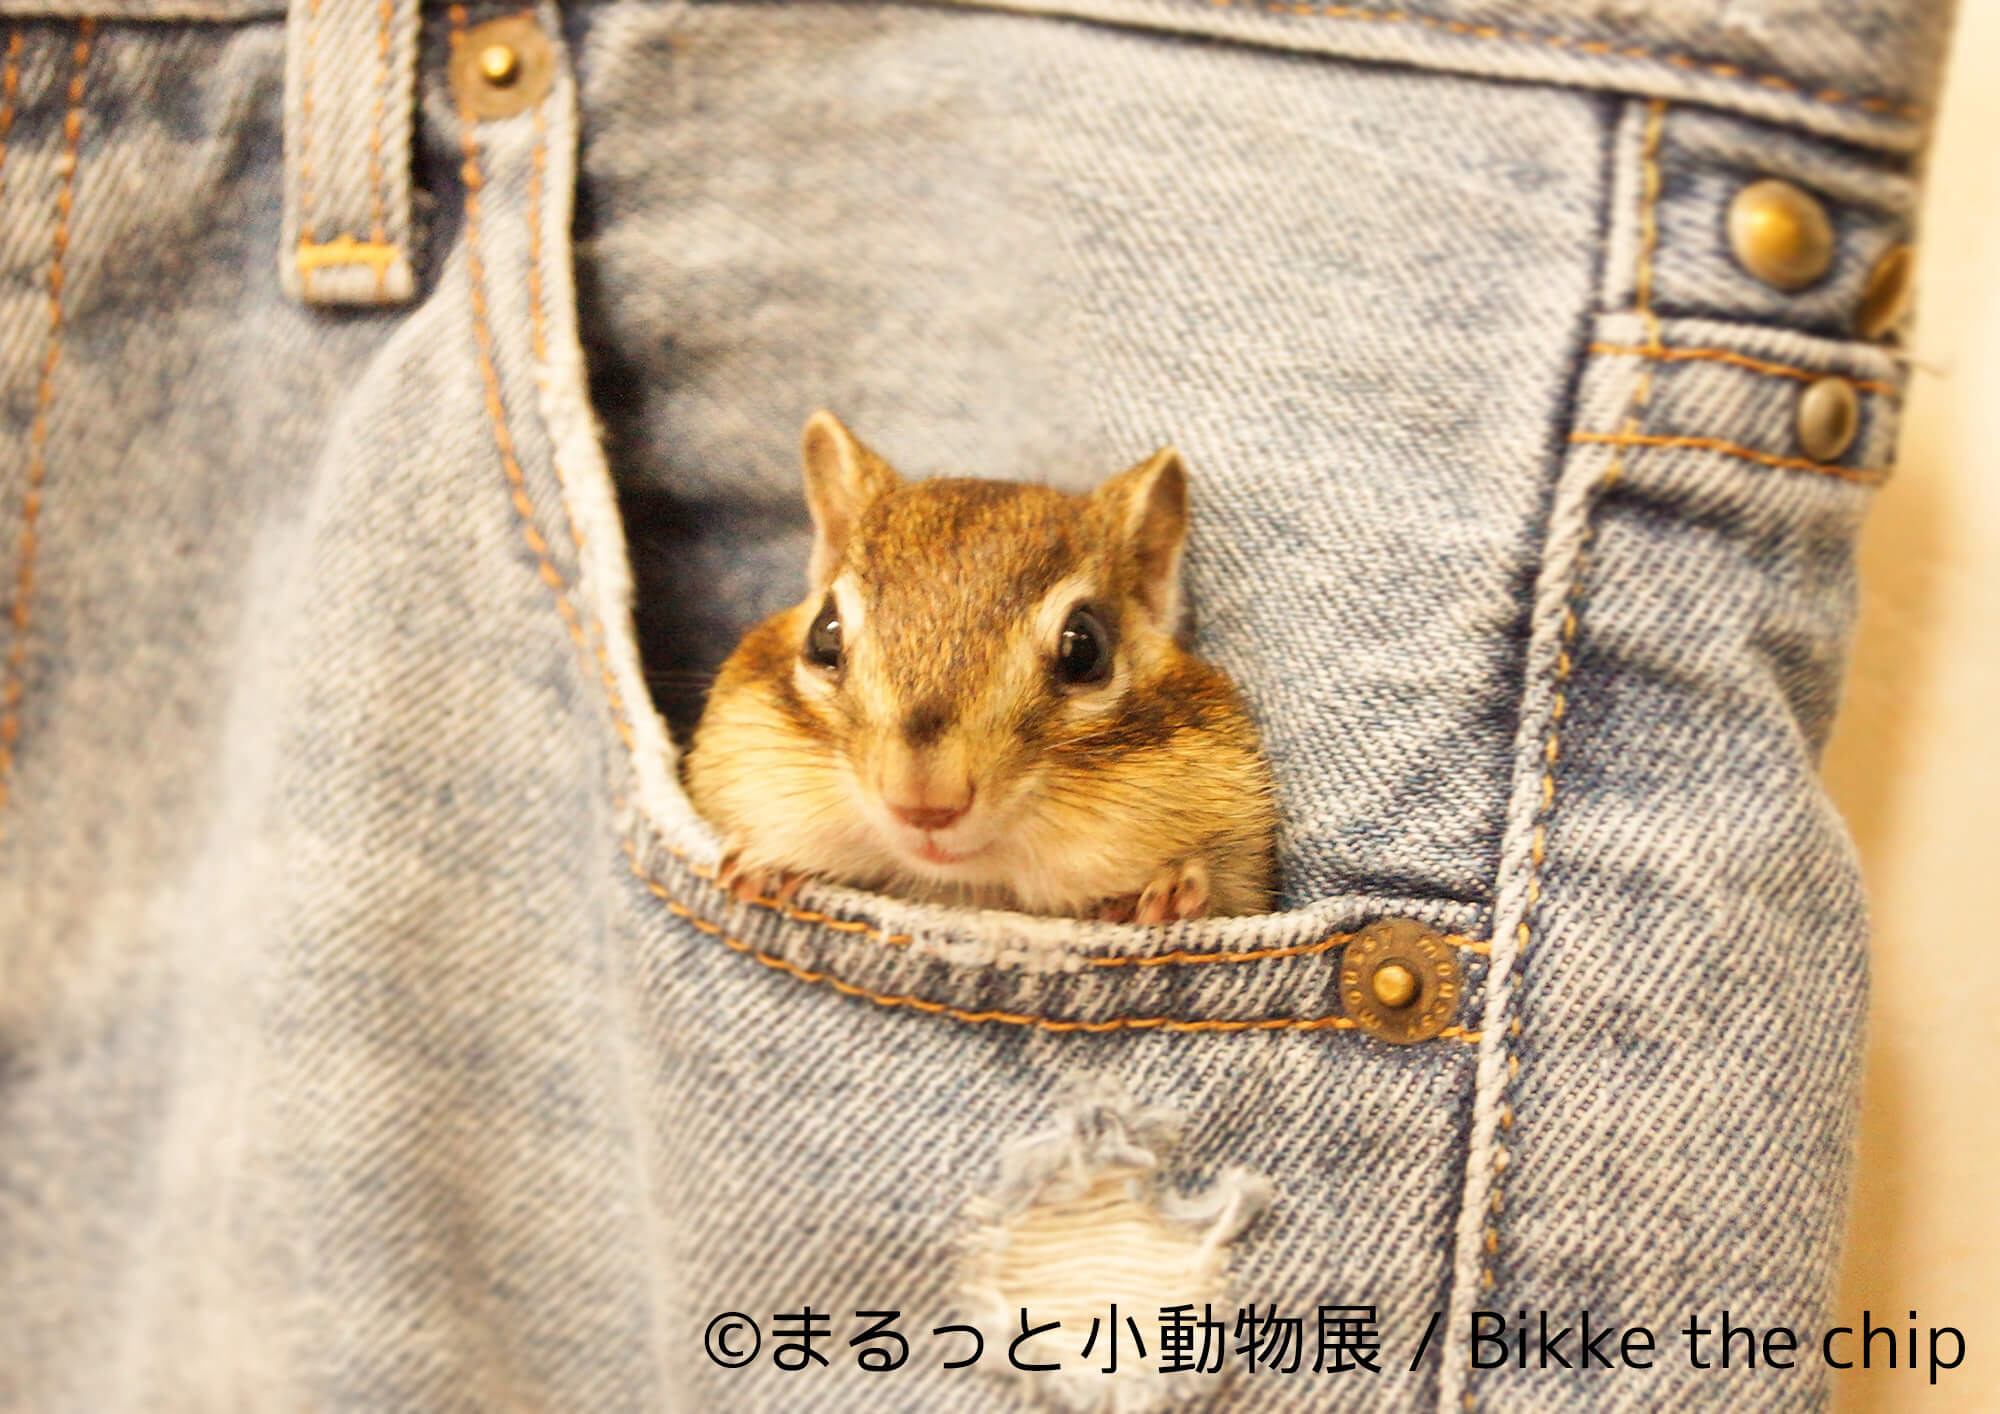 Bikke the chip | まるっと小動物展 | Fanimal(ファニマル)